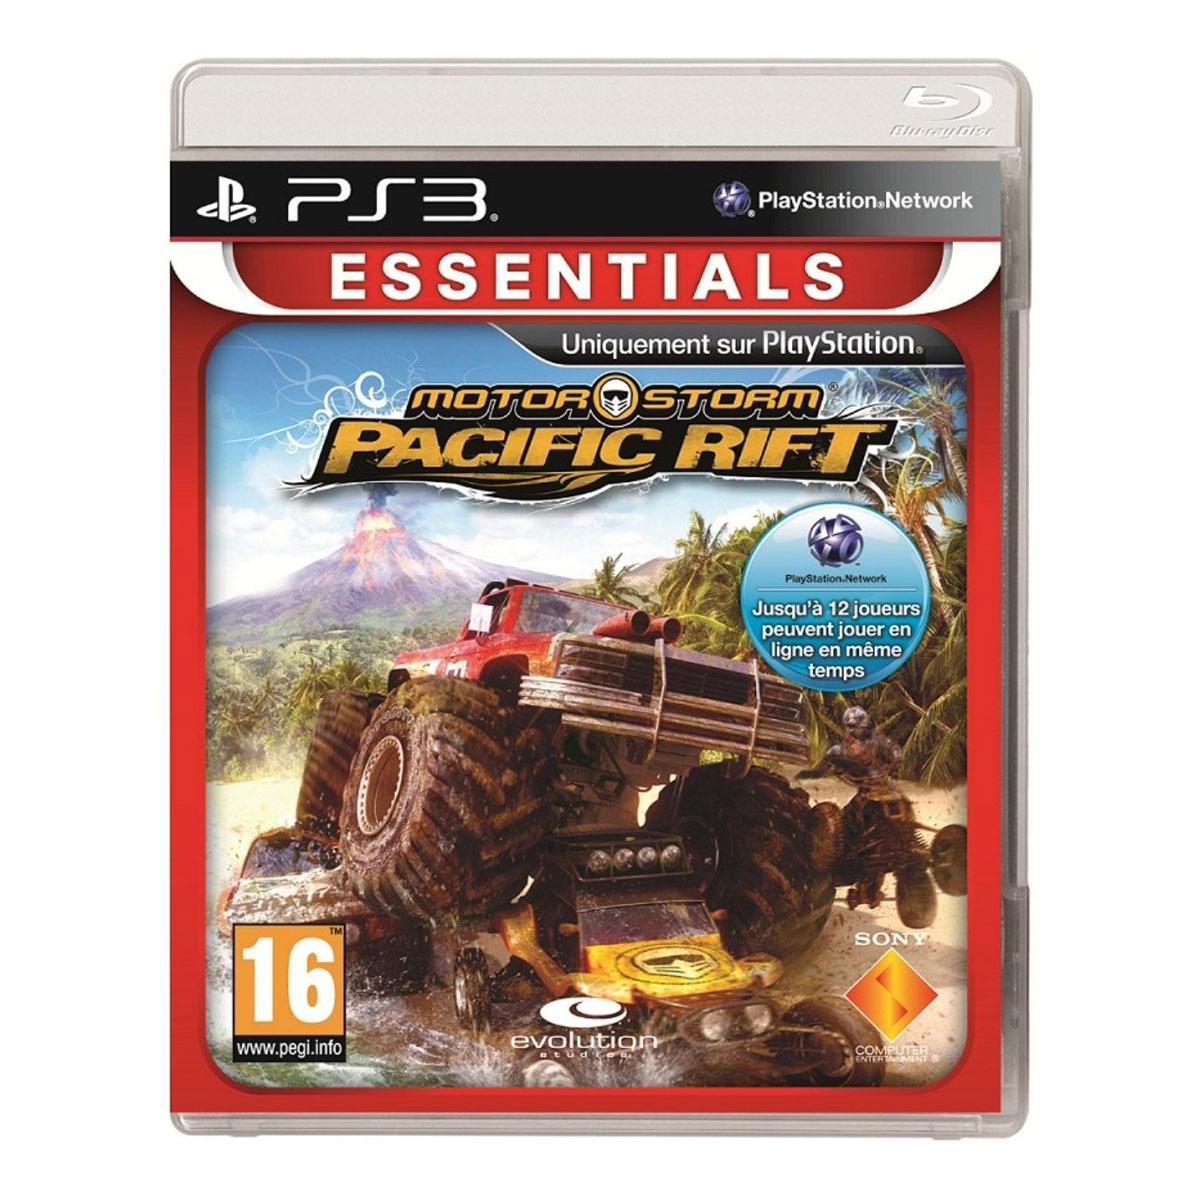 LDLC.com MotorStorm : Pacific Rift - Essentials Collection (PS3) MotorStorm : Pacific Rift - Essentials Collection (PS3)